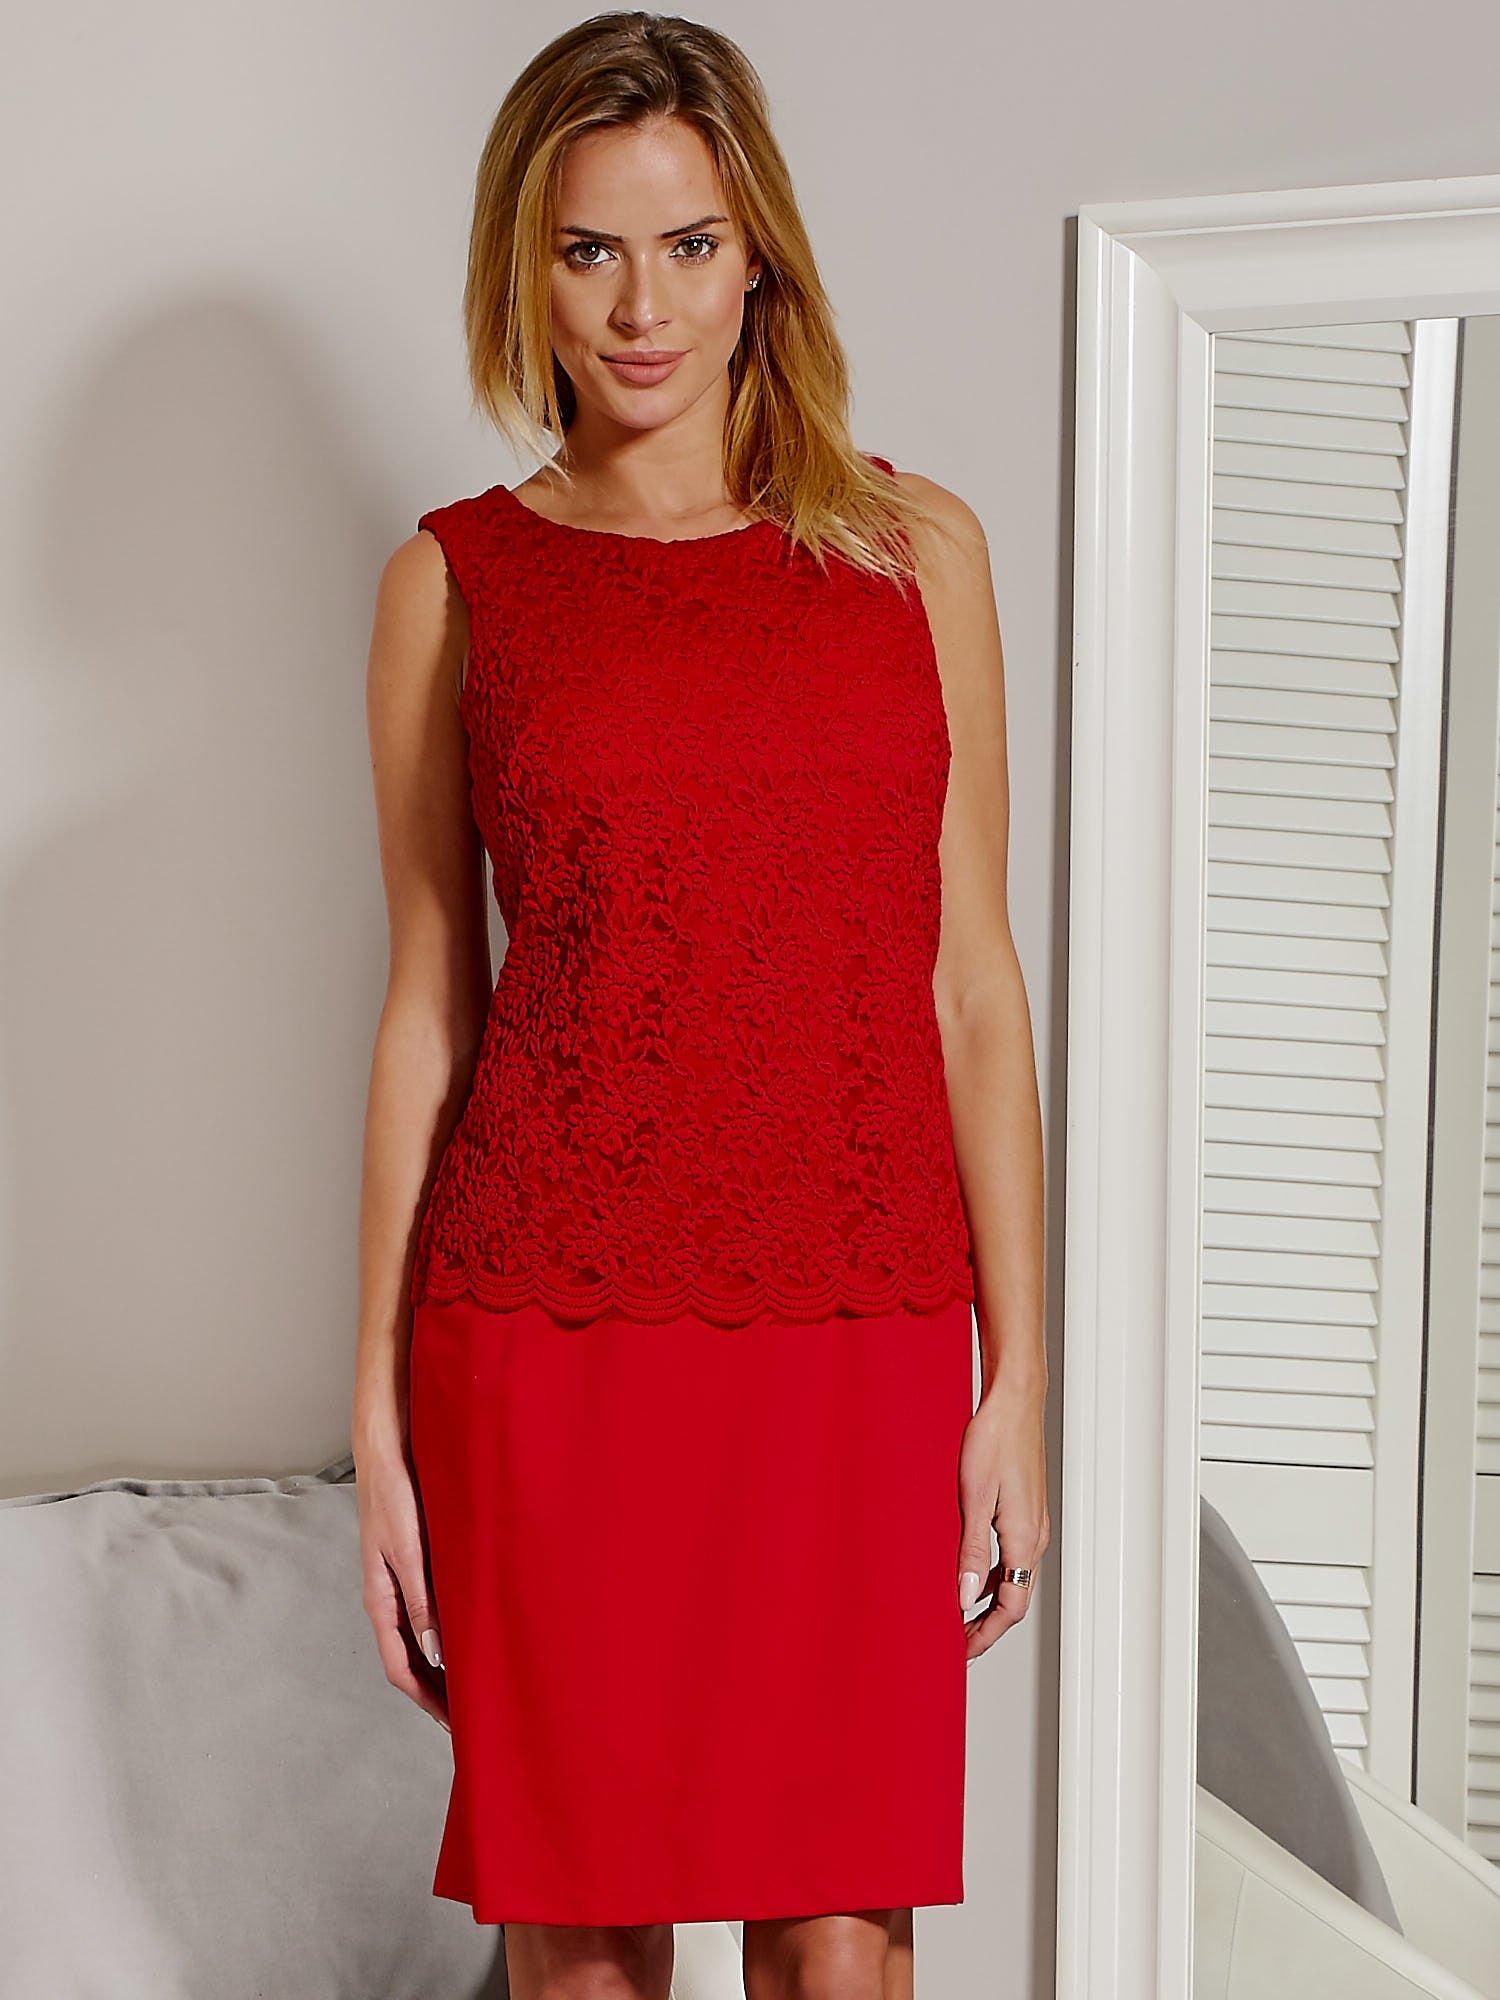 037b4c112a Sukienka z koronkową górą czerwona - Sukienka koktajlowa - sklep ...